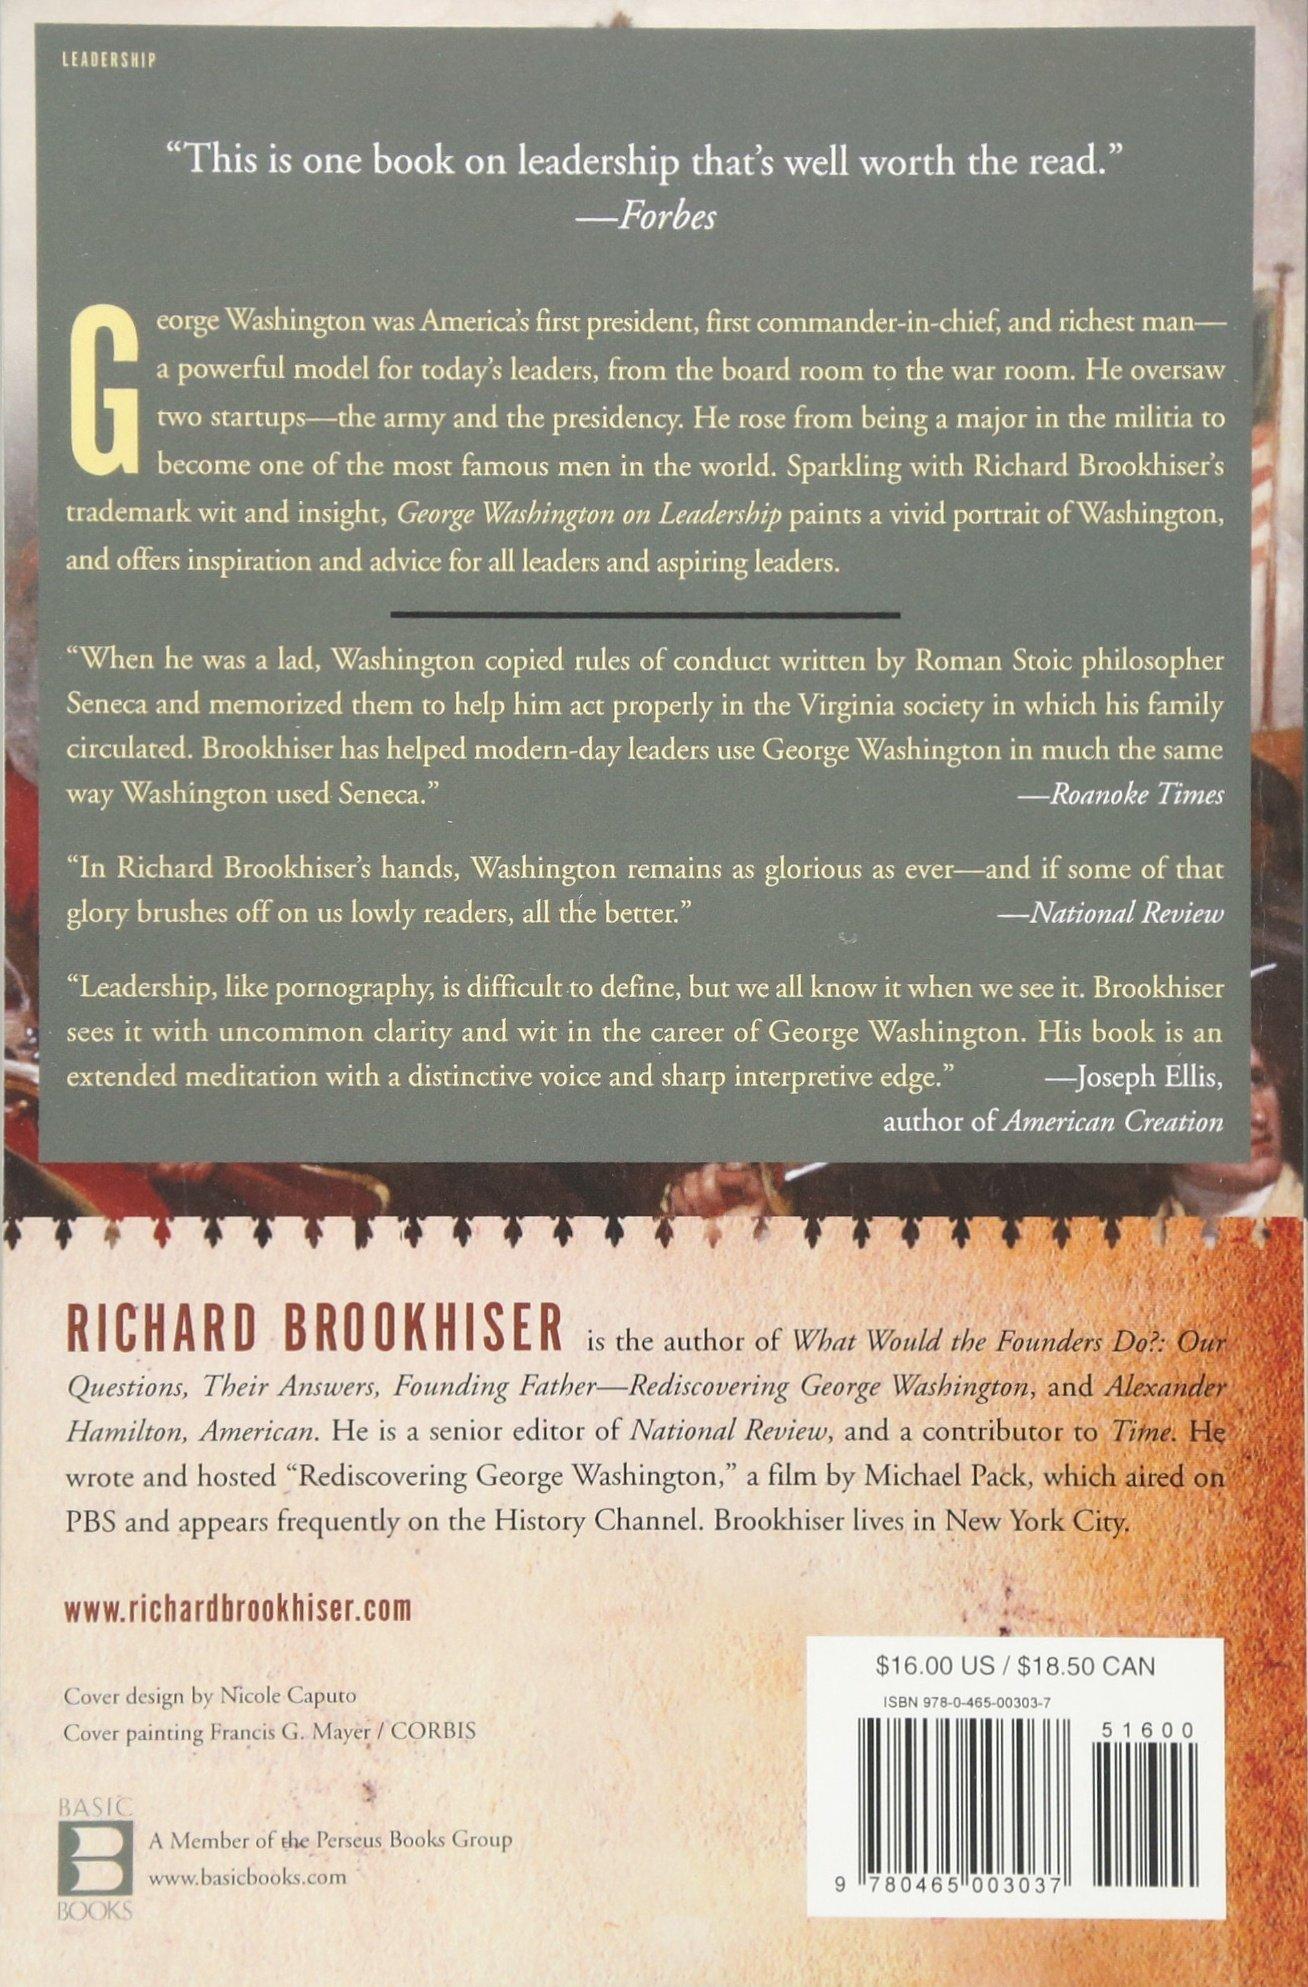 Amazon: George Washington On Leadership (9780465003037): Richard  Brookhiser: Books